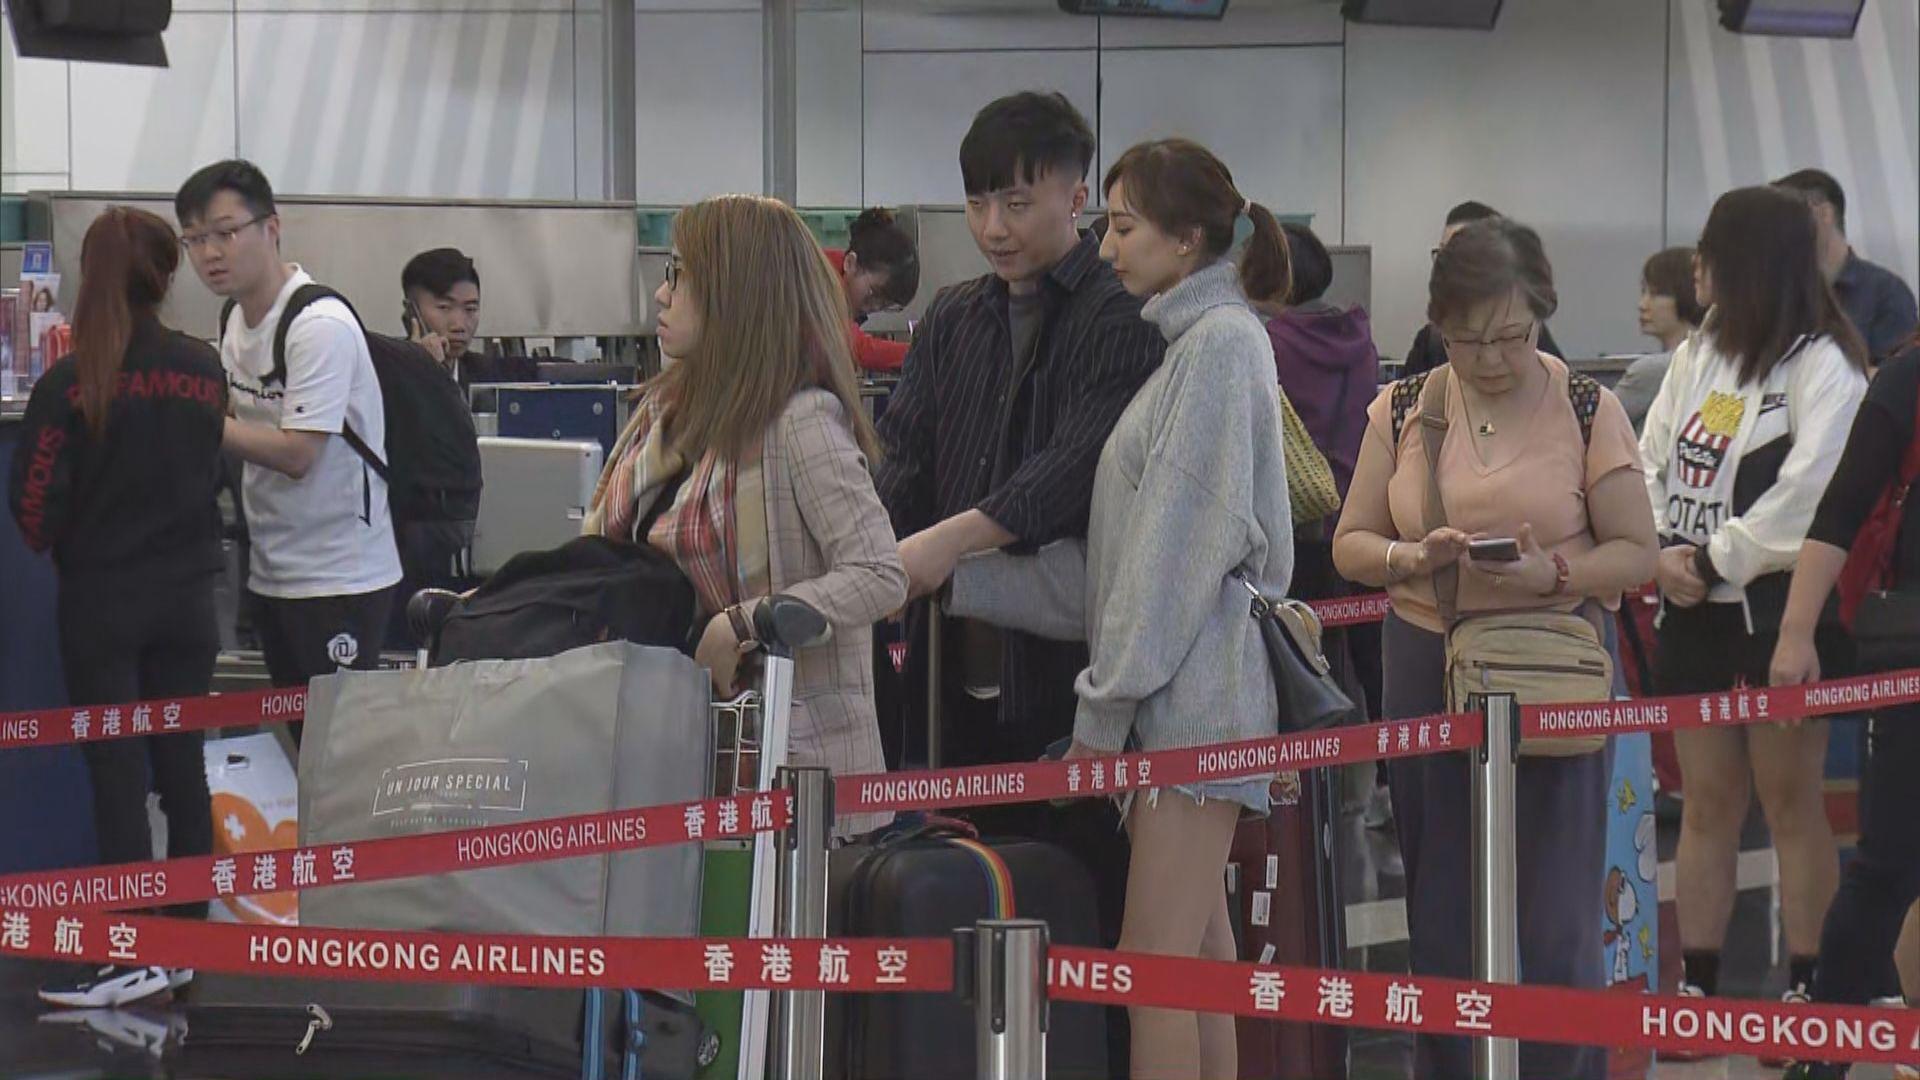 香港航空:赴泰國旅客須交健康證明才可登機